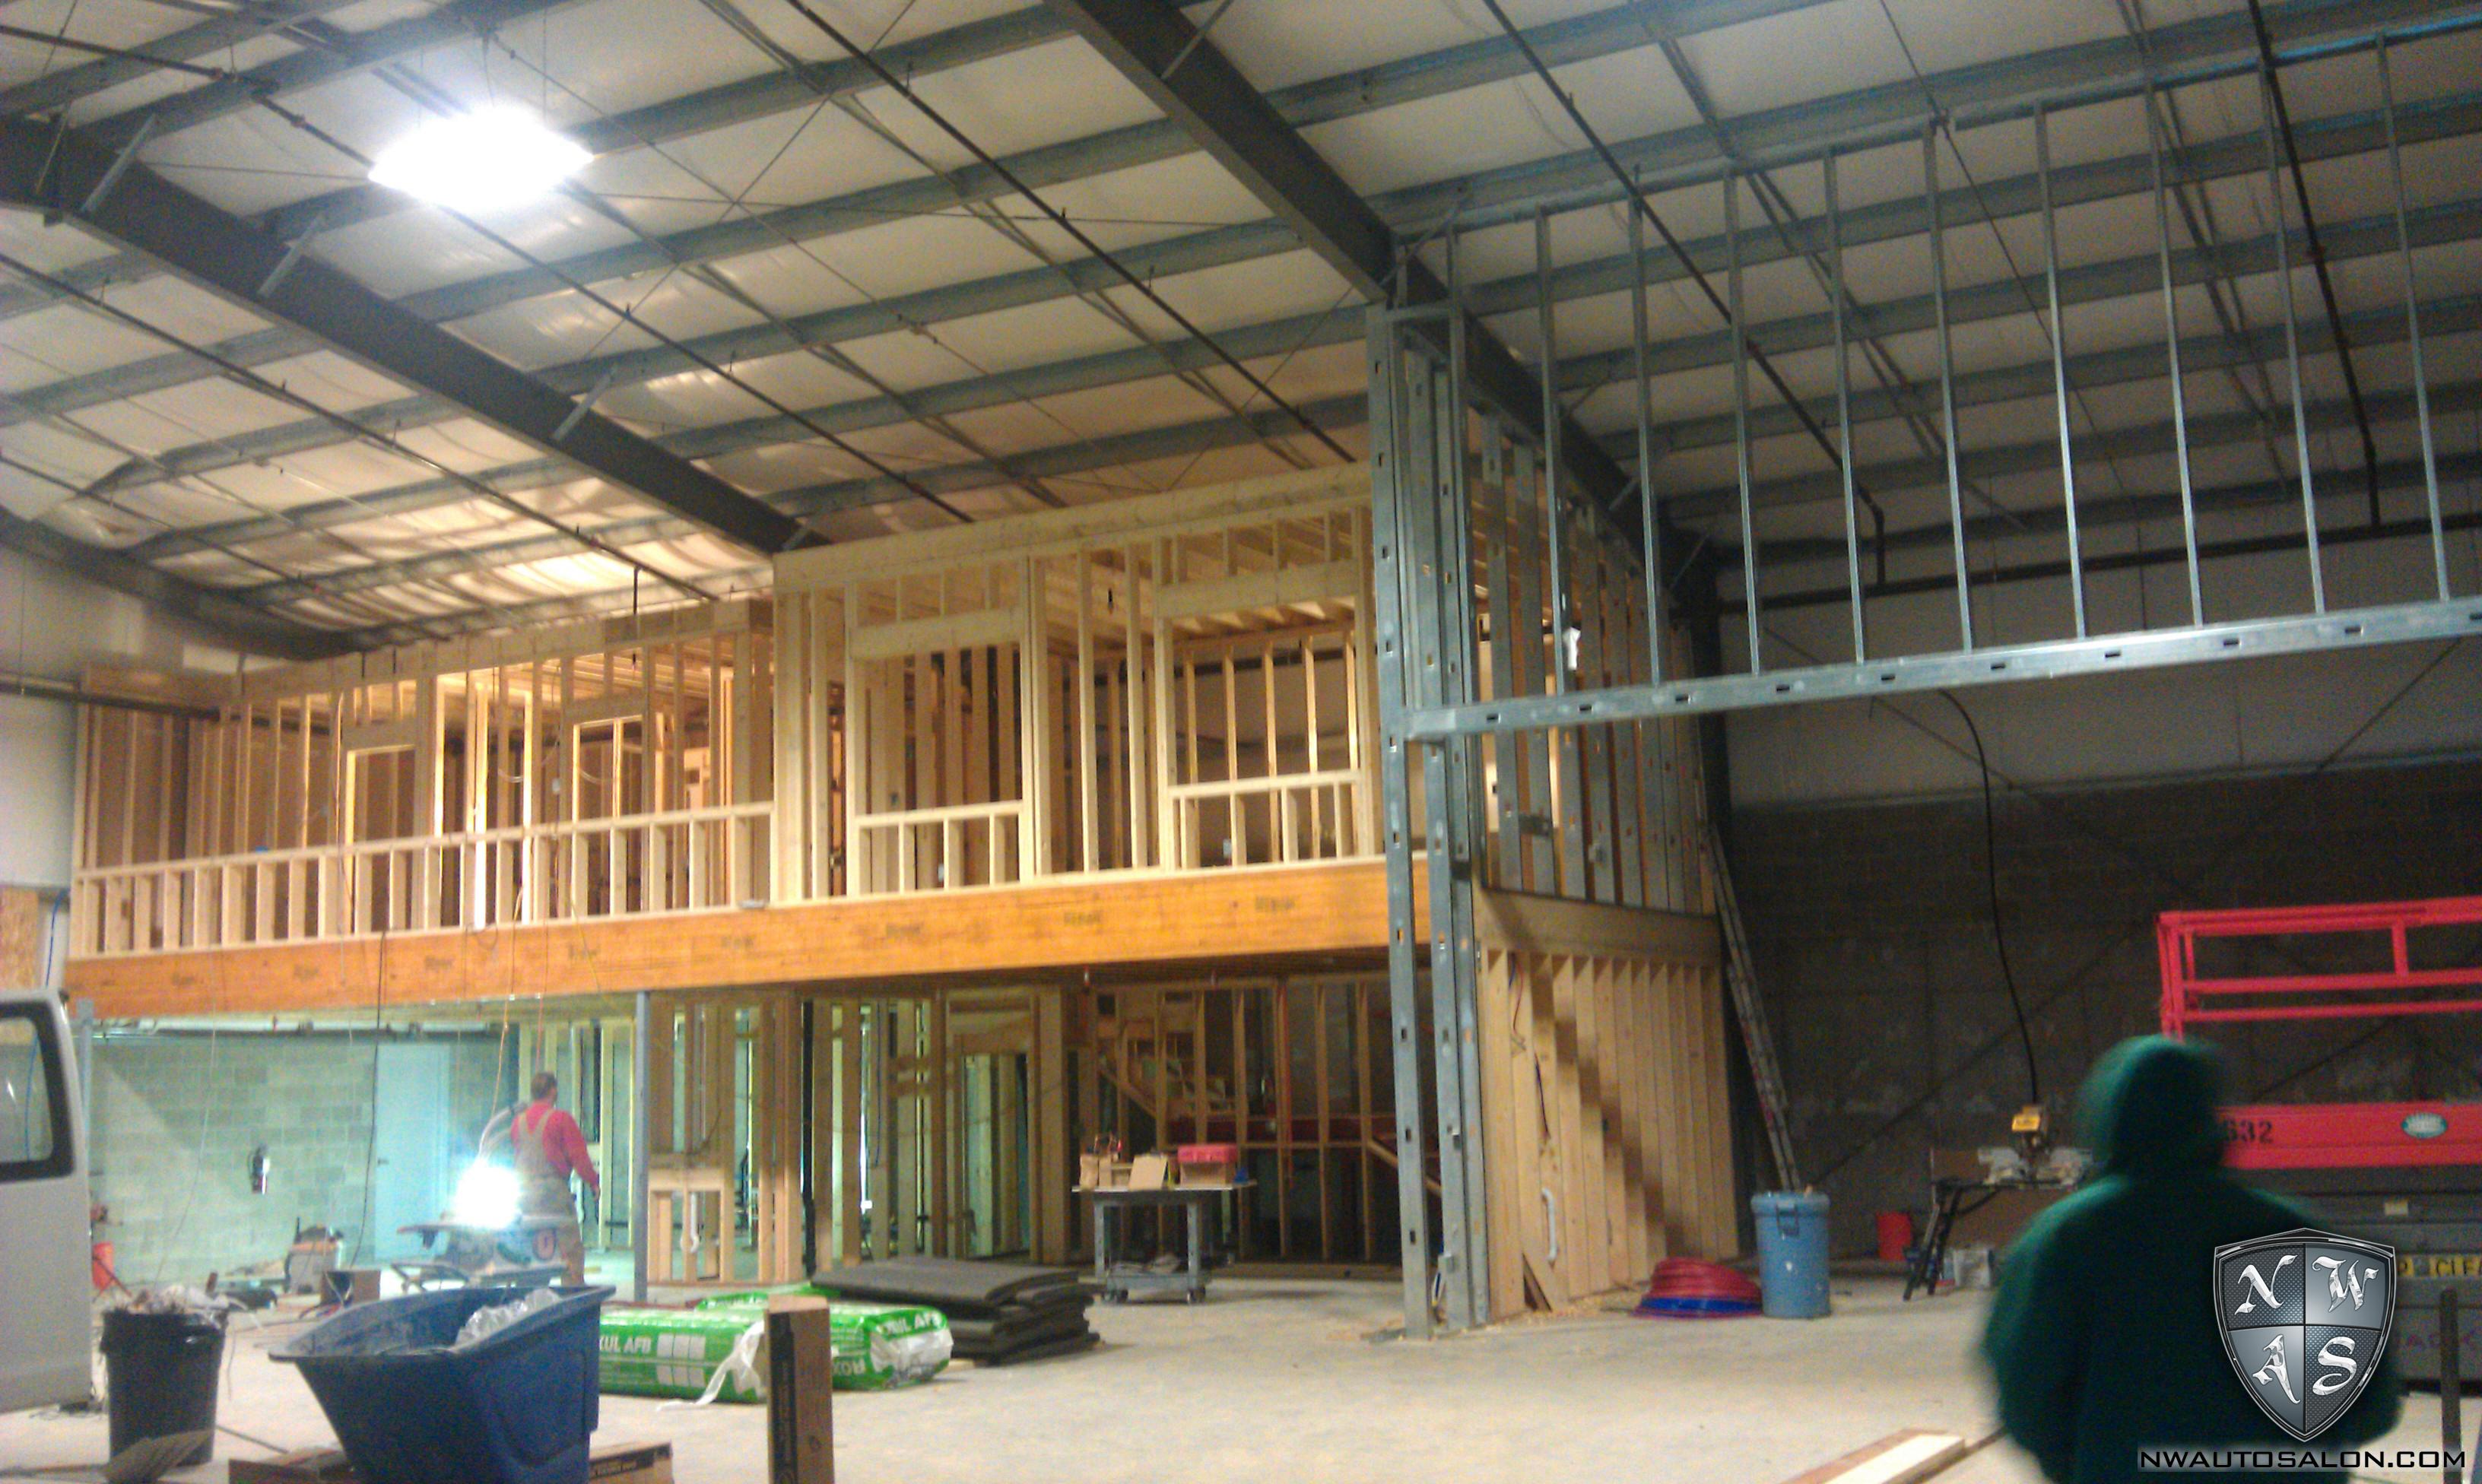 NorthWest Auto Salon new facility in lynnwood wa build thread